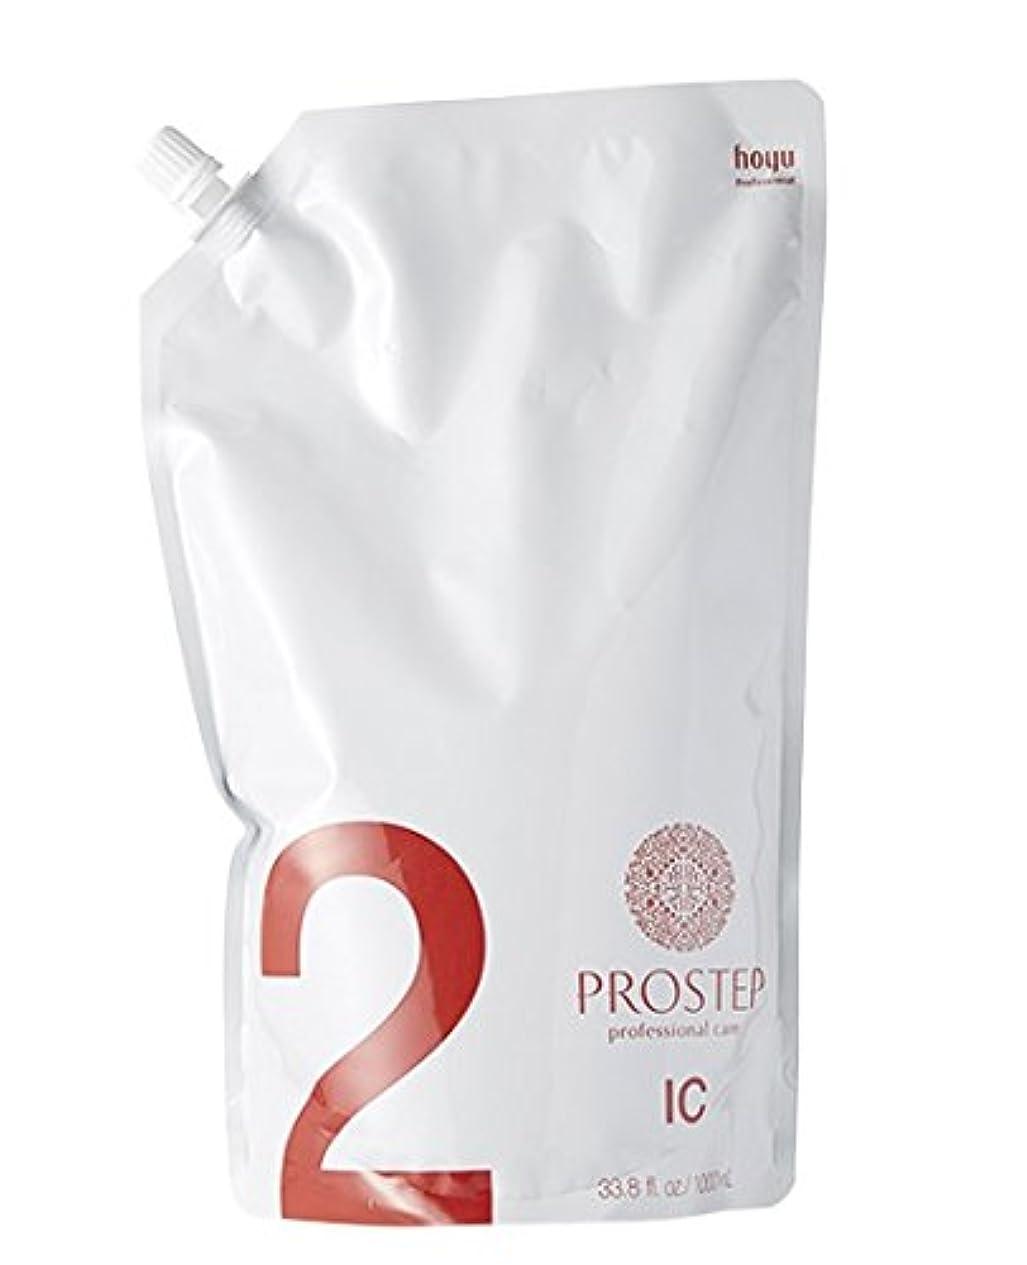 精巧なペナルティ砂のホーユー プロステップ プロフェッショナルケアIC レフィル 1000ml